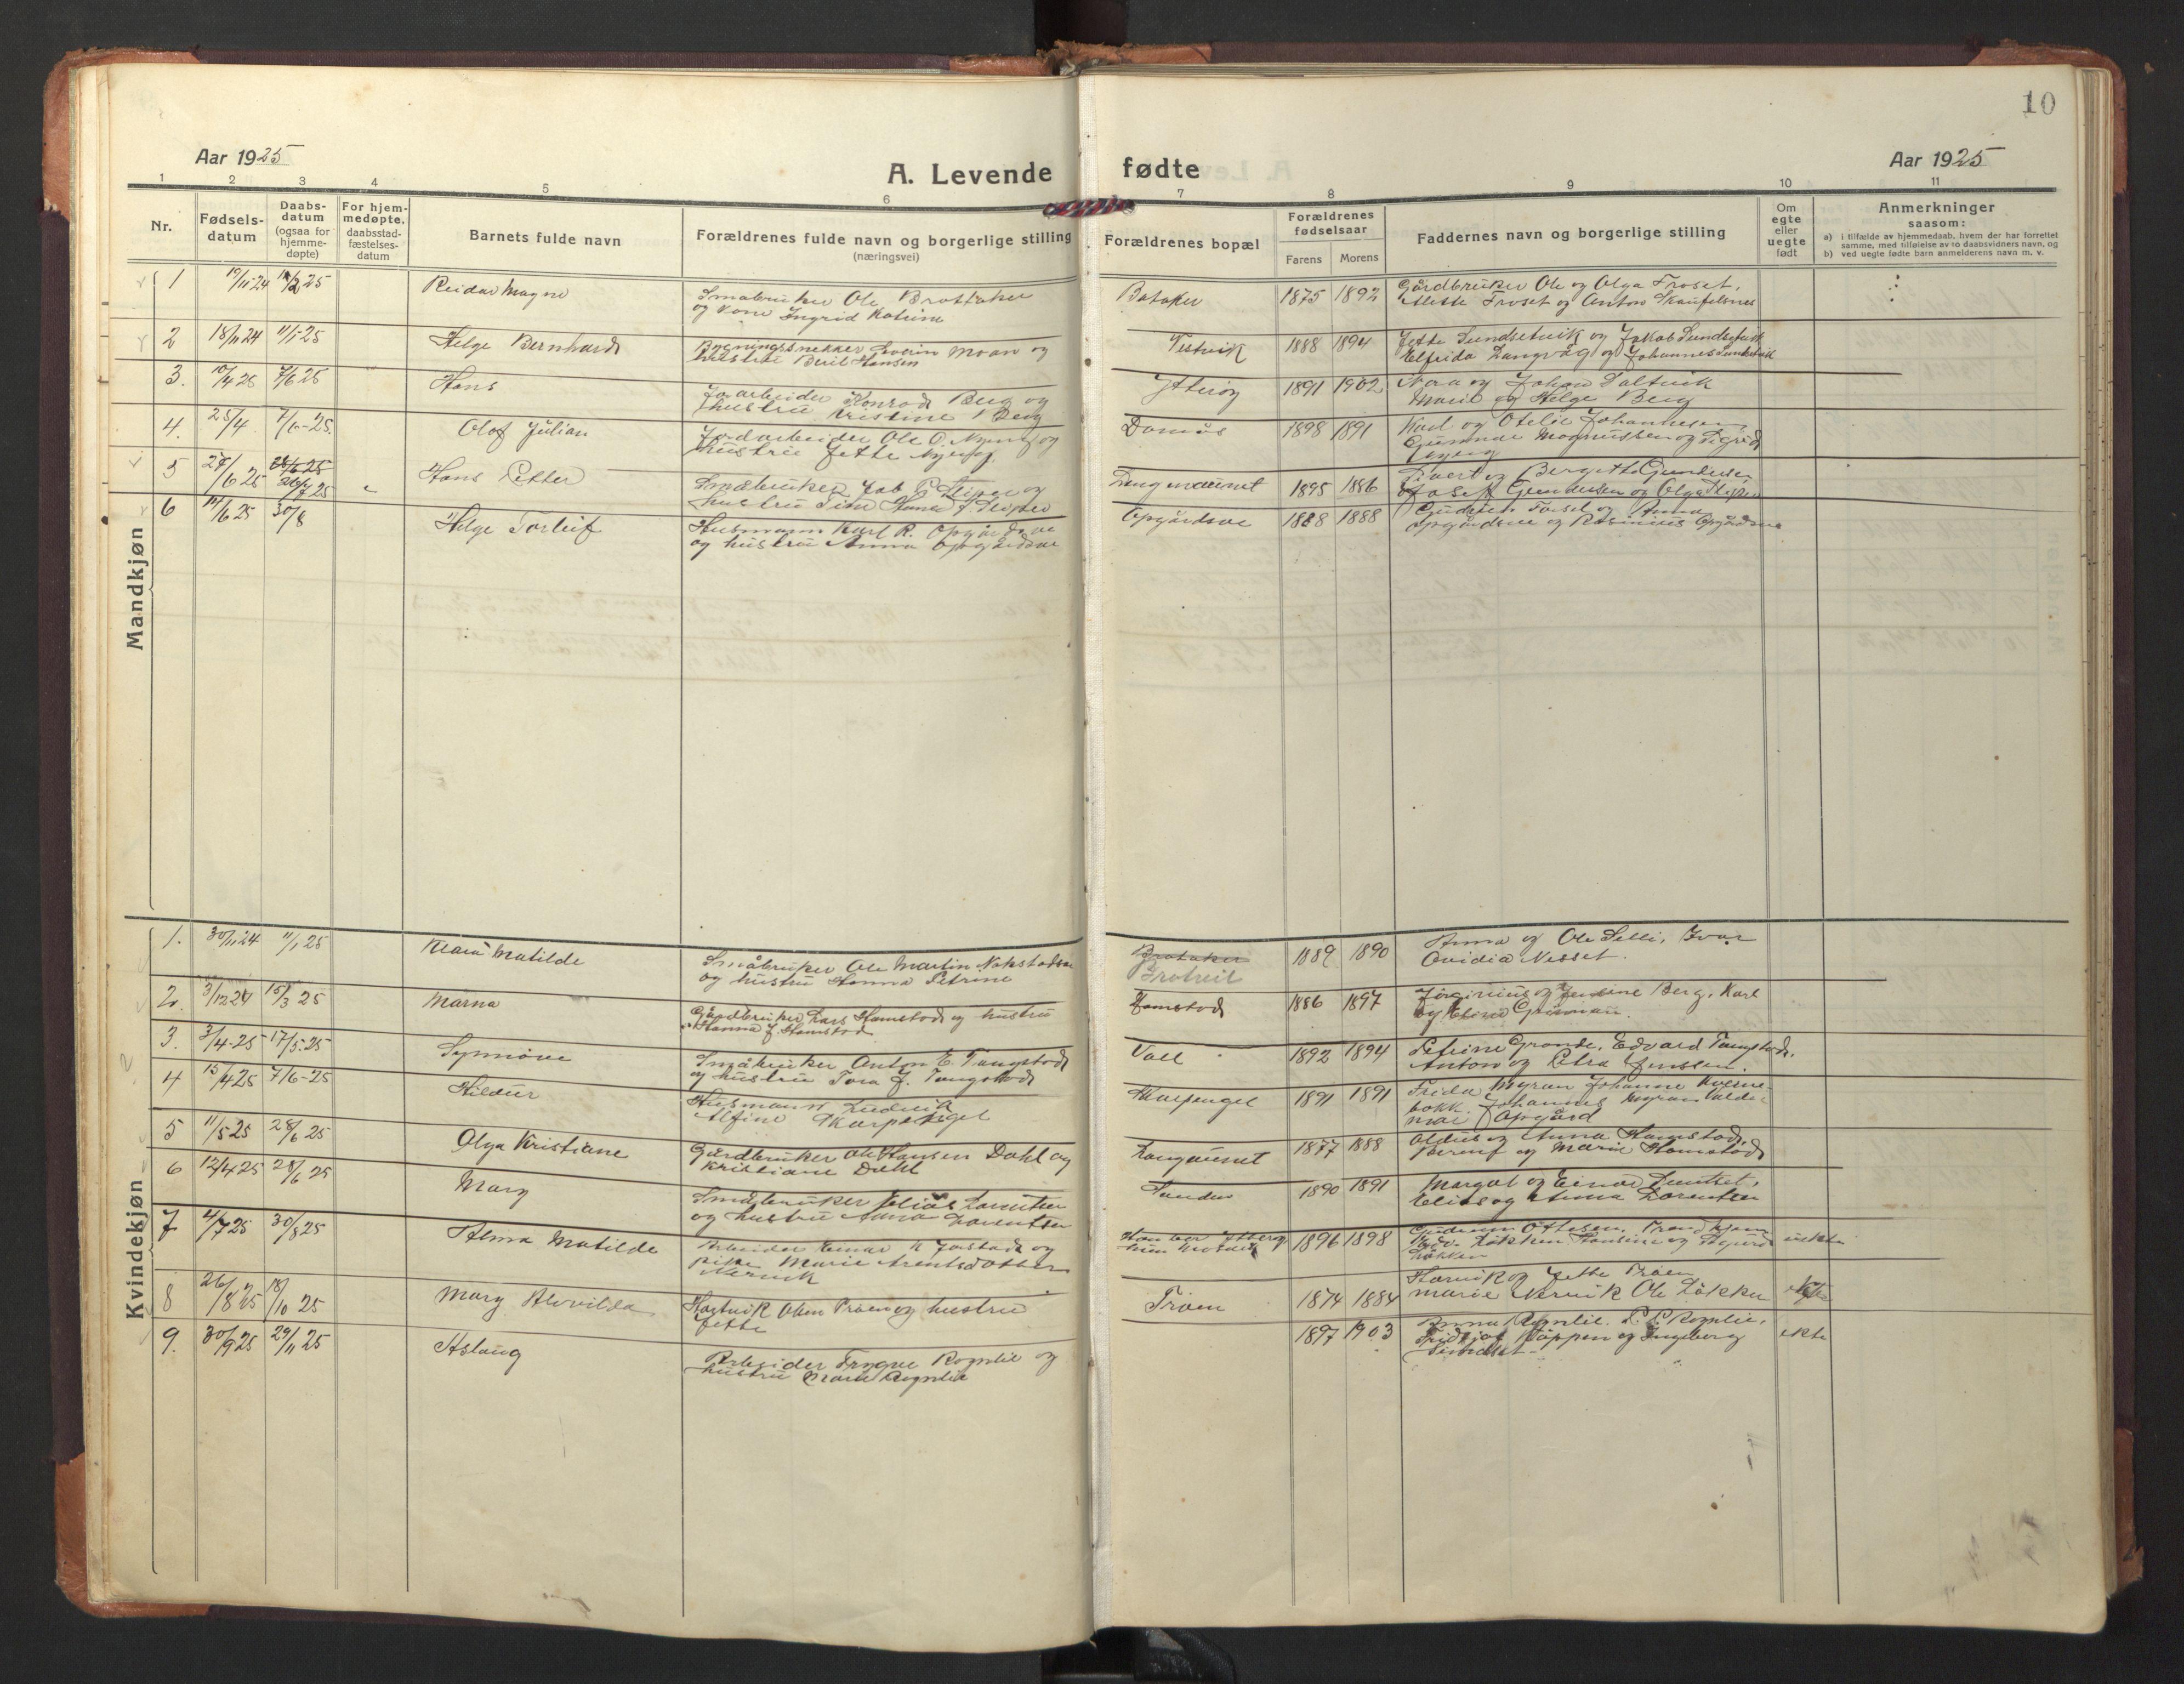 SAT, Ministerialprotokoller, klokkerbøker og fødselsregistre - Nord-Trøndelag, 733/L0328: Klokkerbok nr. 733C03, 1919-1966, s. 10